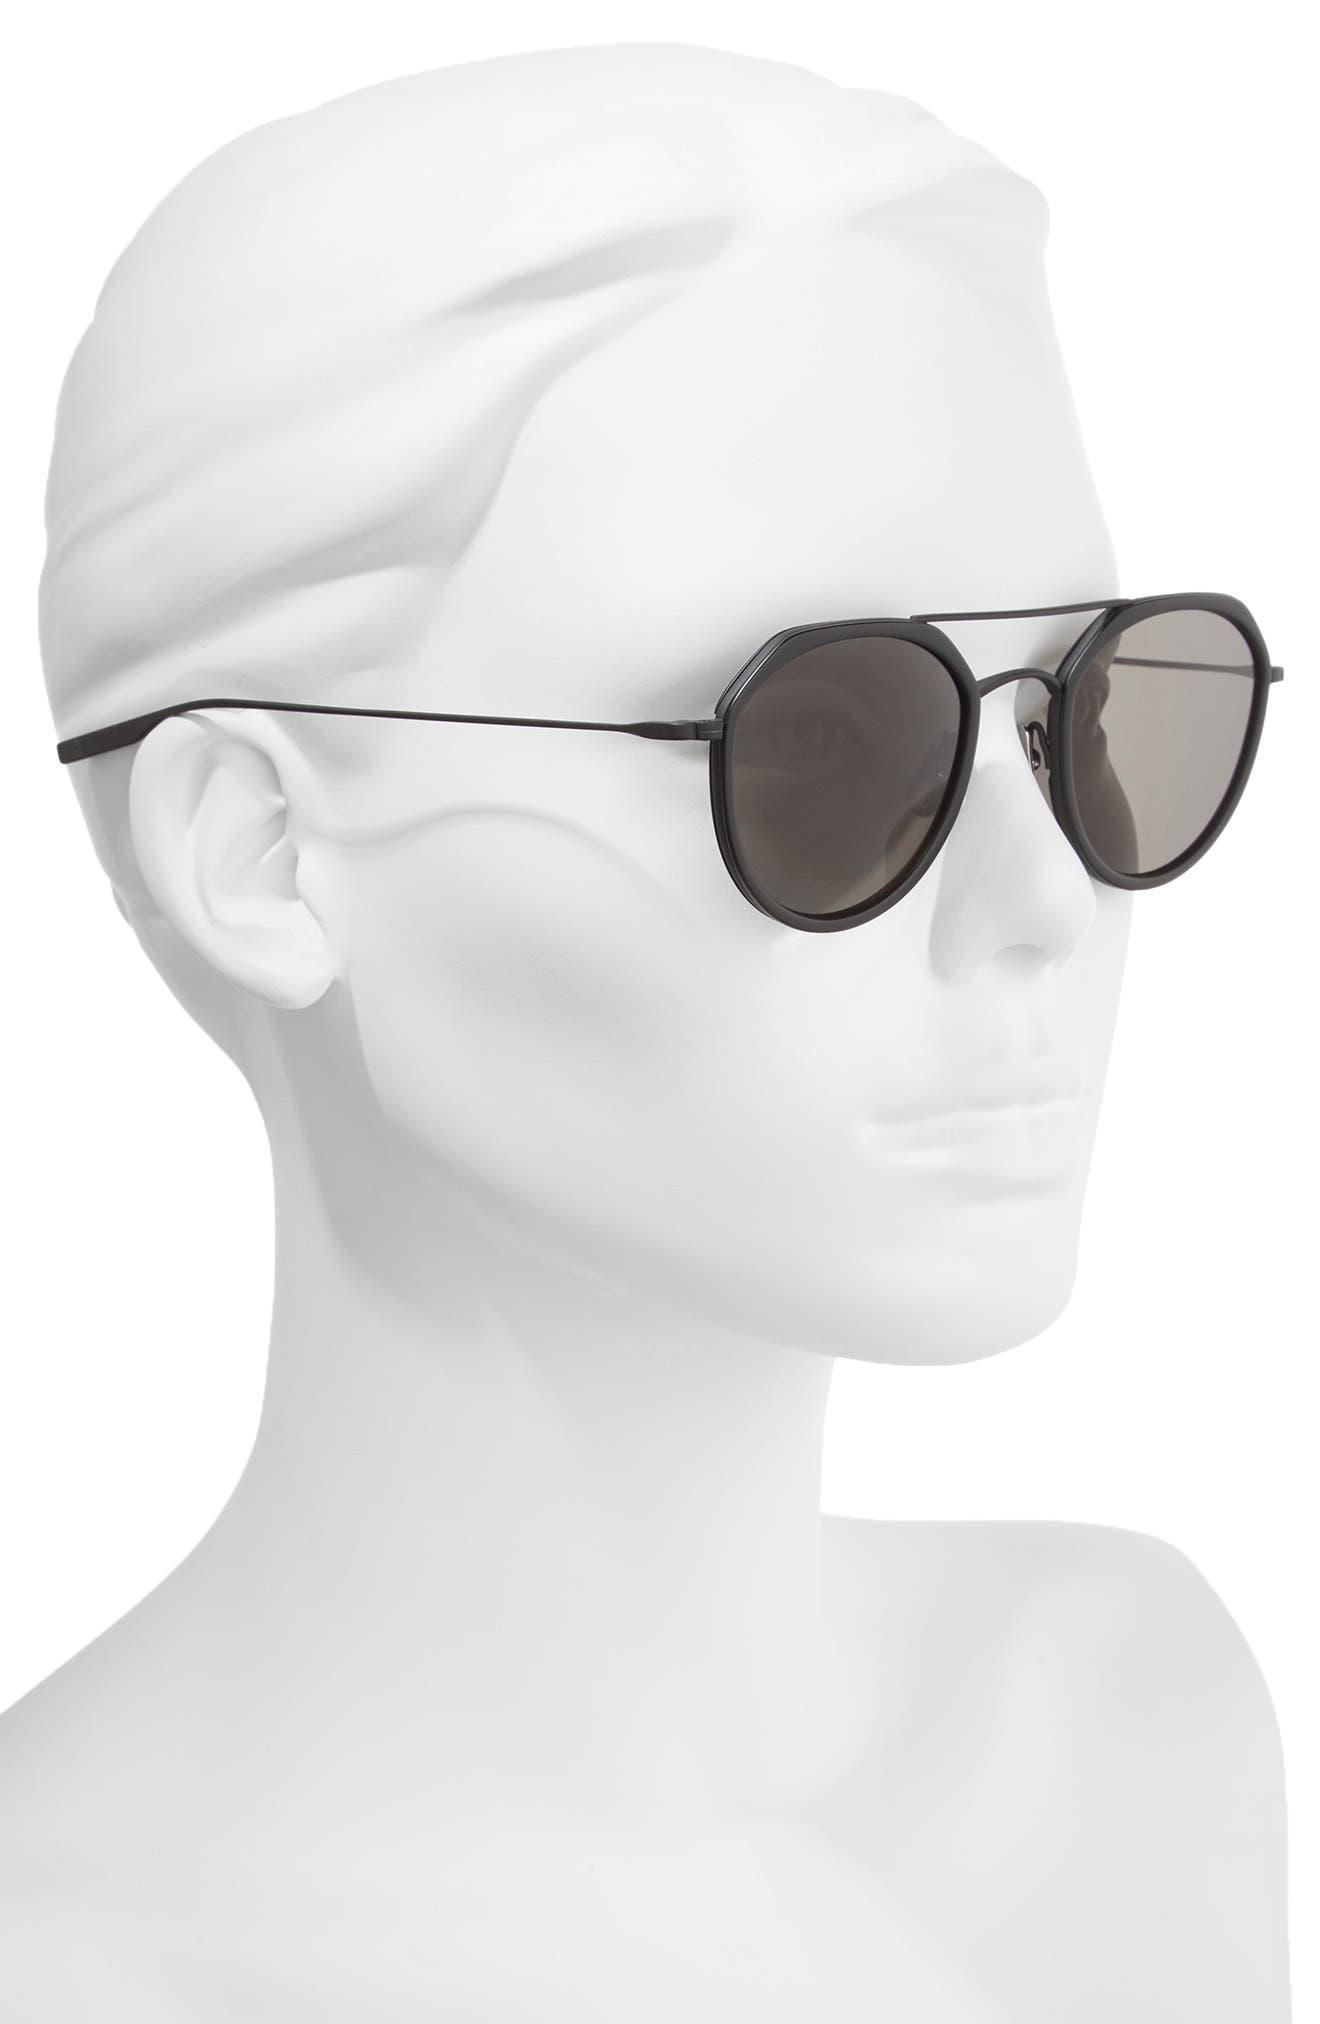 Dibergi Resin 50mm Polarized Round Sunglasses,                             Alternate thumbnail 2, color,                             Matte Black/ Black Sand